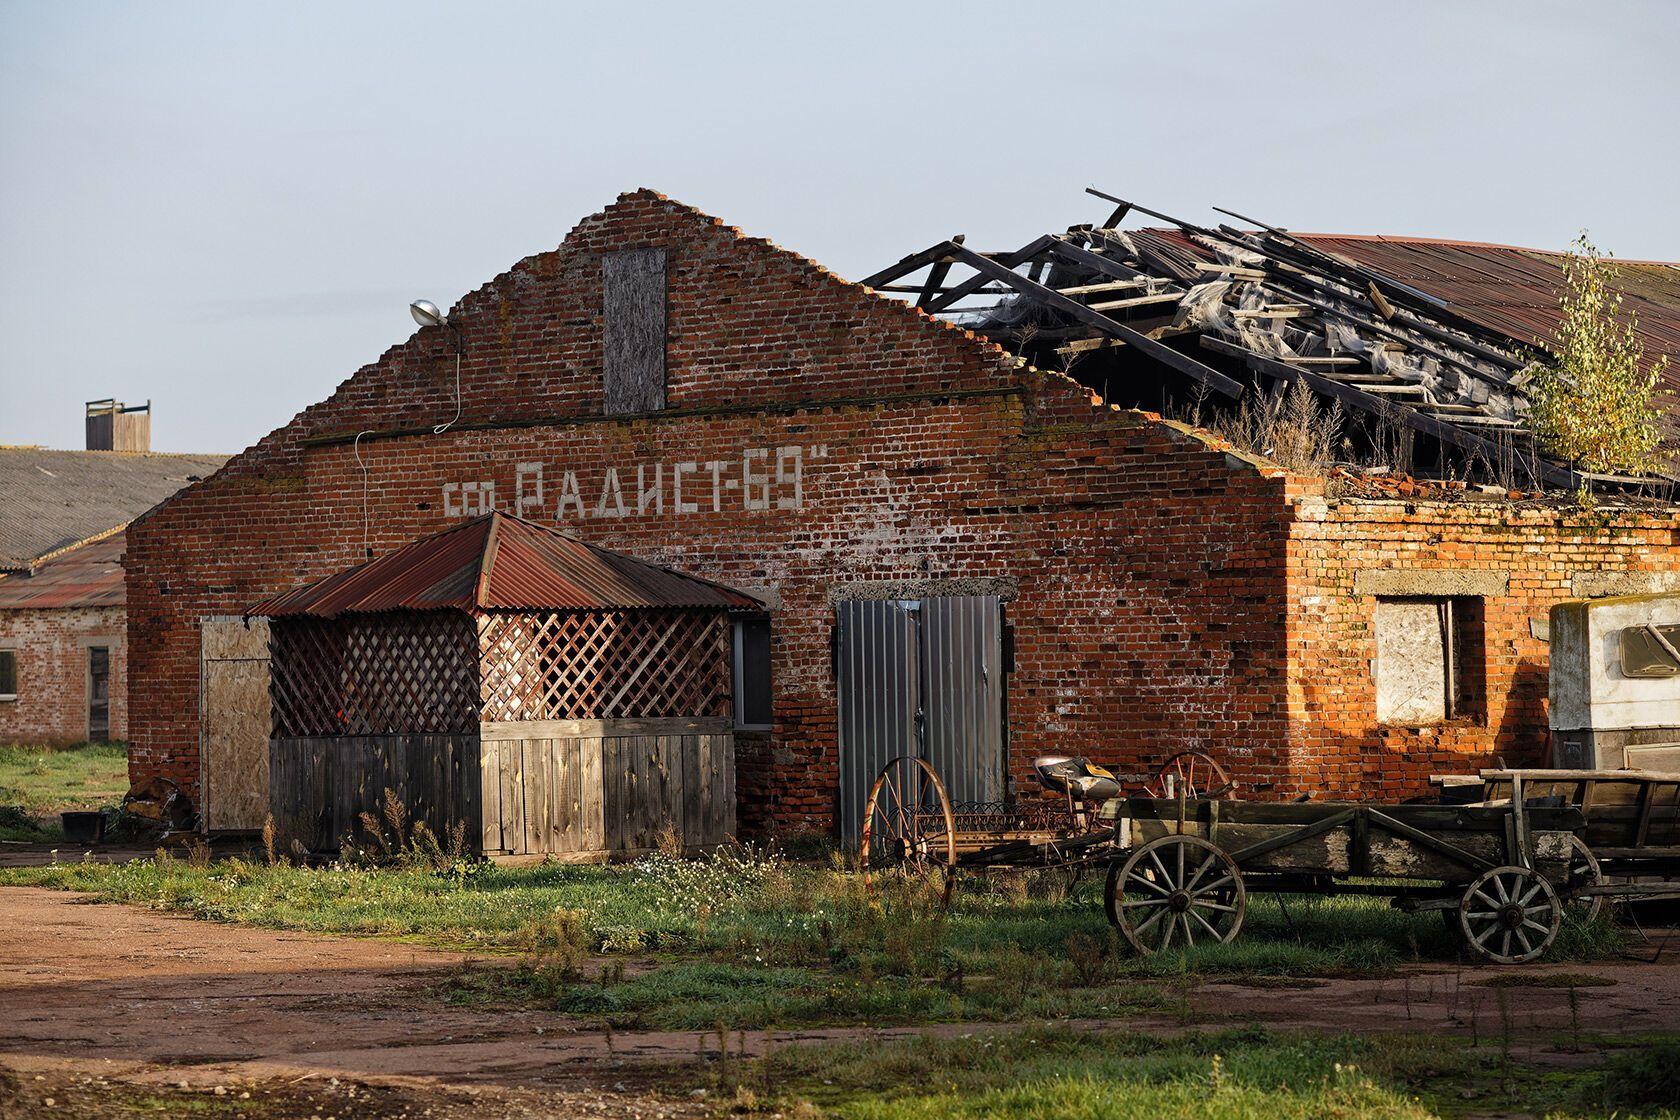 Чтобы попасть к киношным локациям, нужно пройти развалины бывшего колхоза.